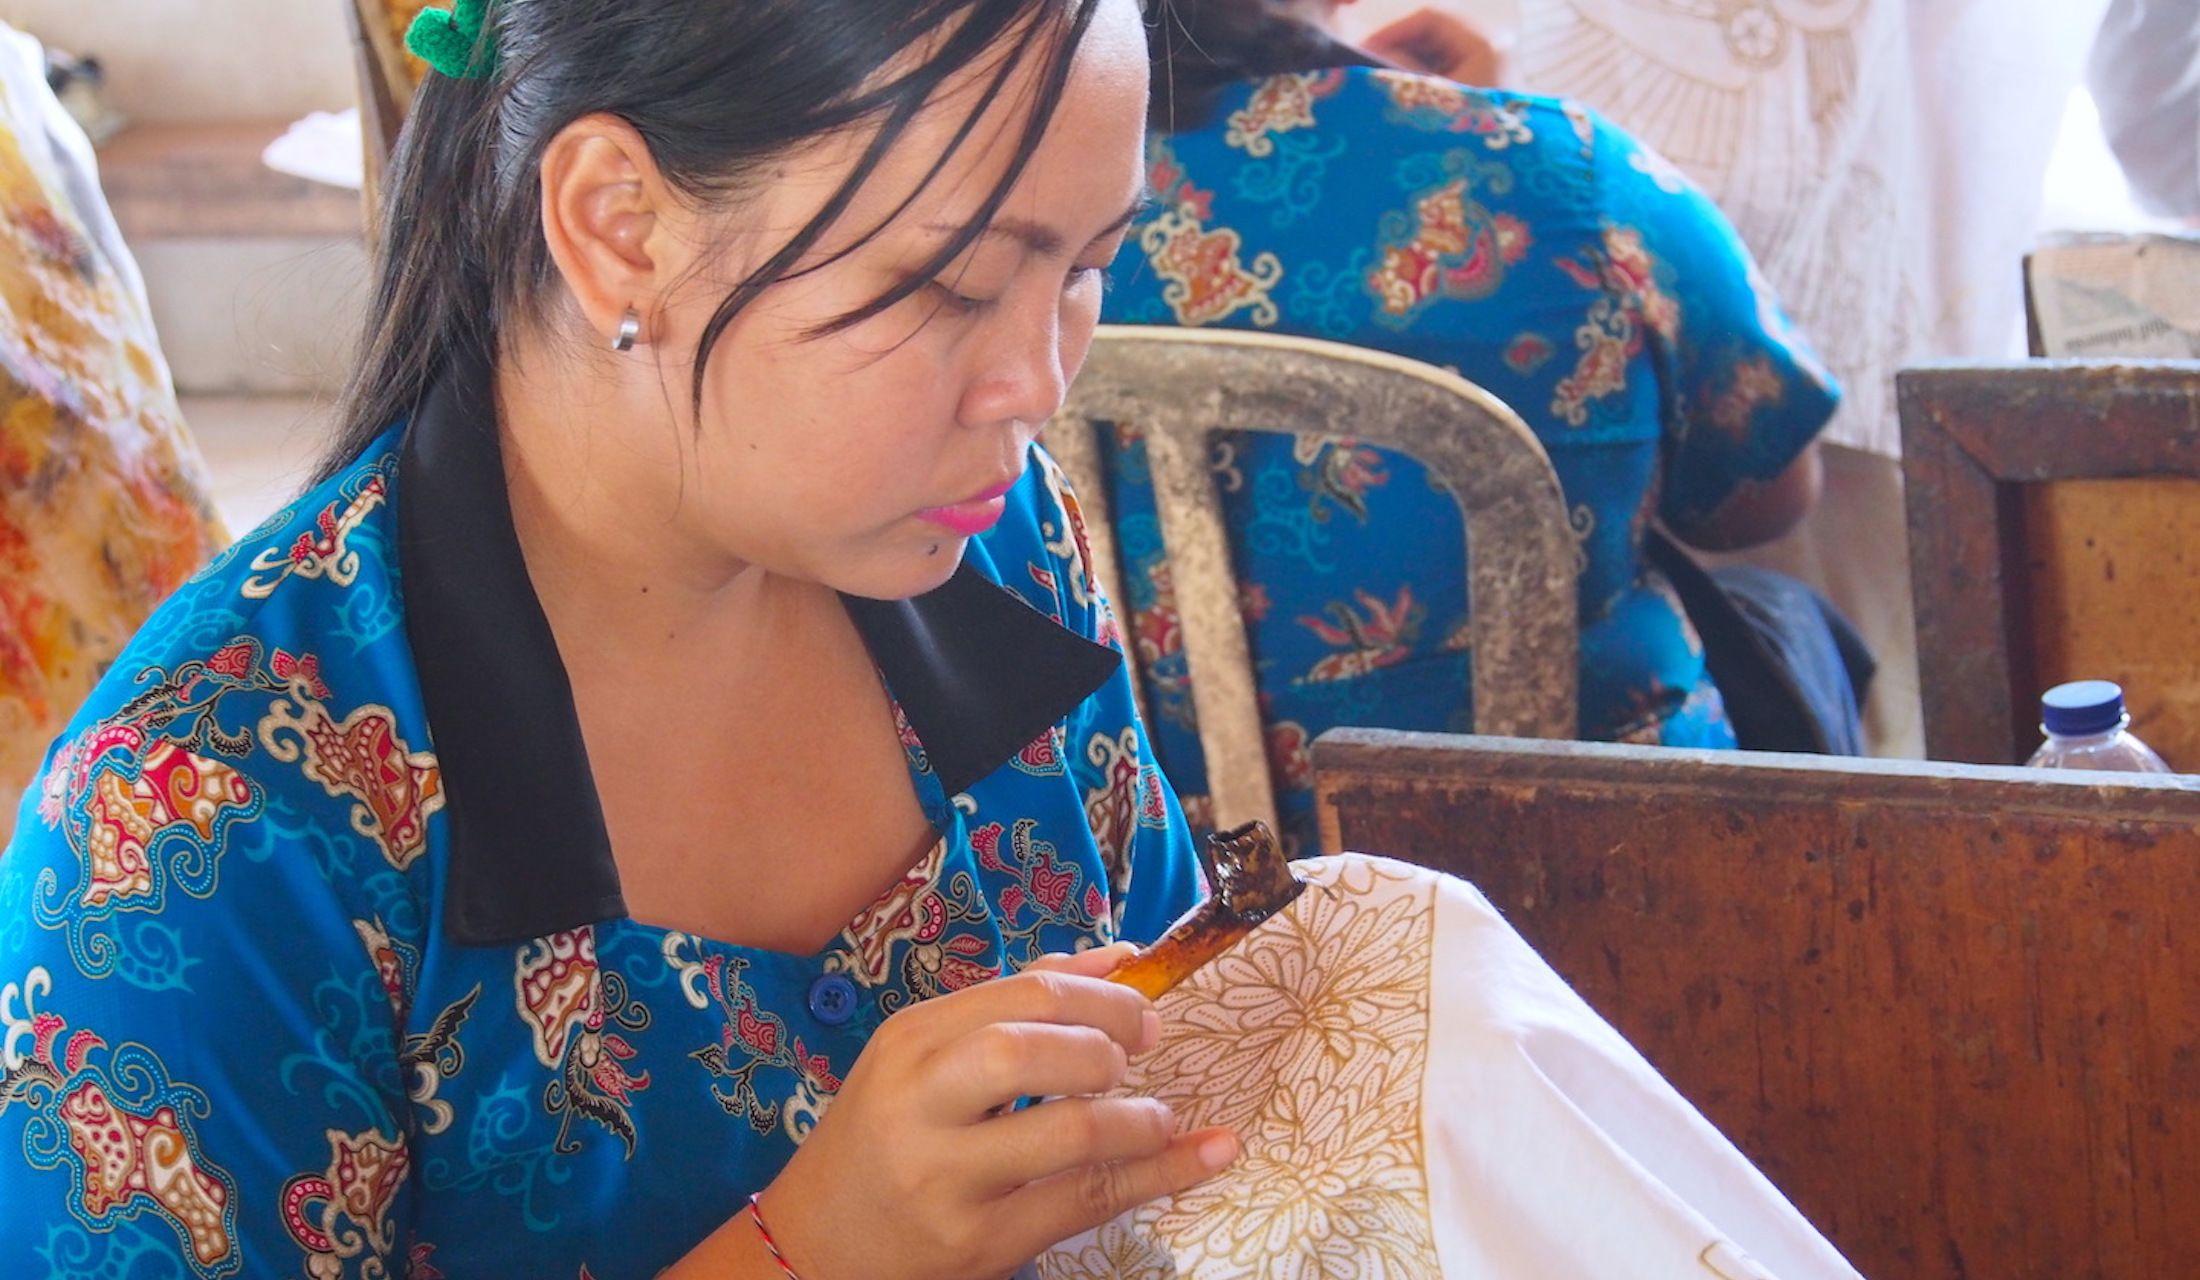 インドネシア・バリ旅行で訪れるべき「バティック染め」工房の写真